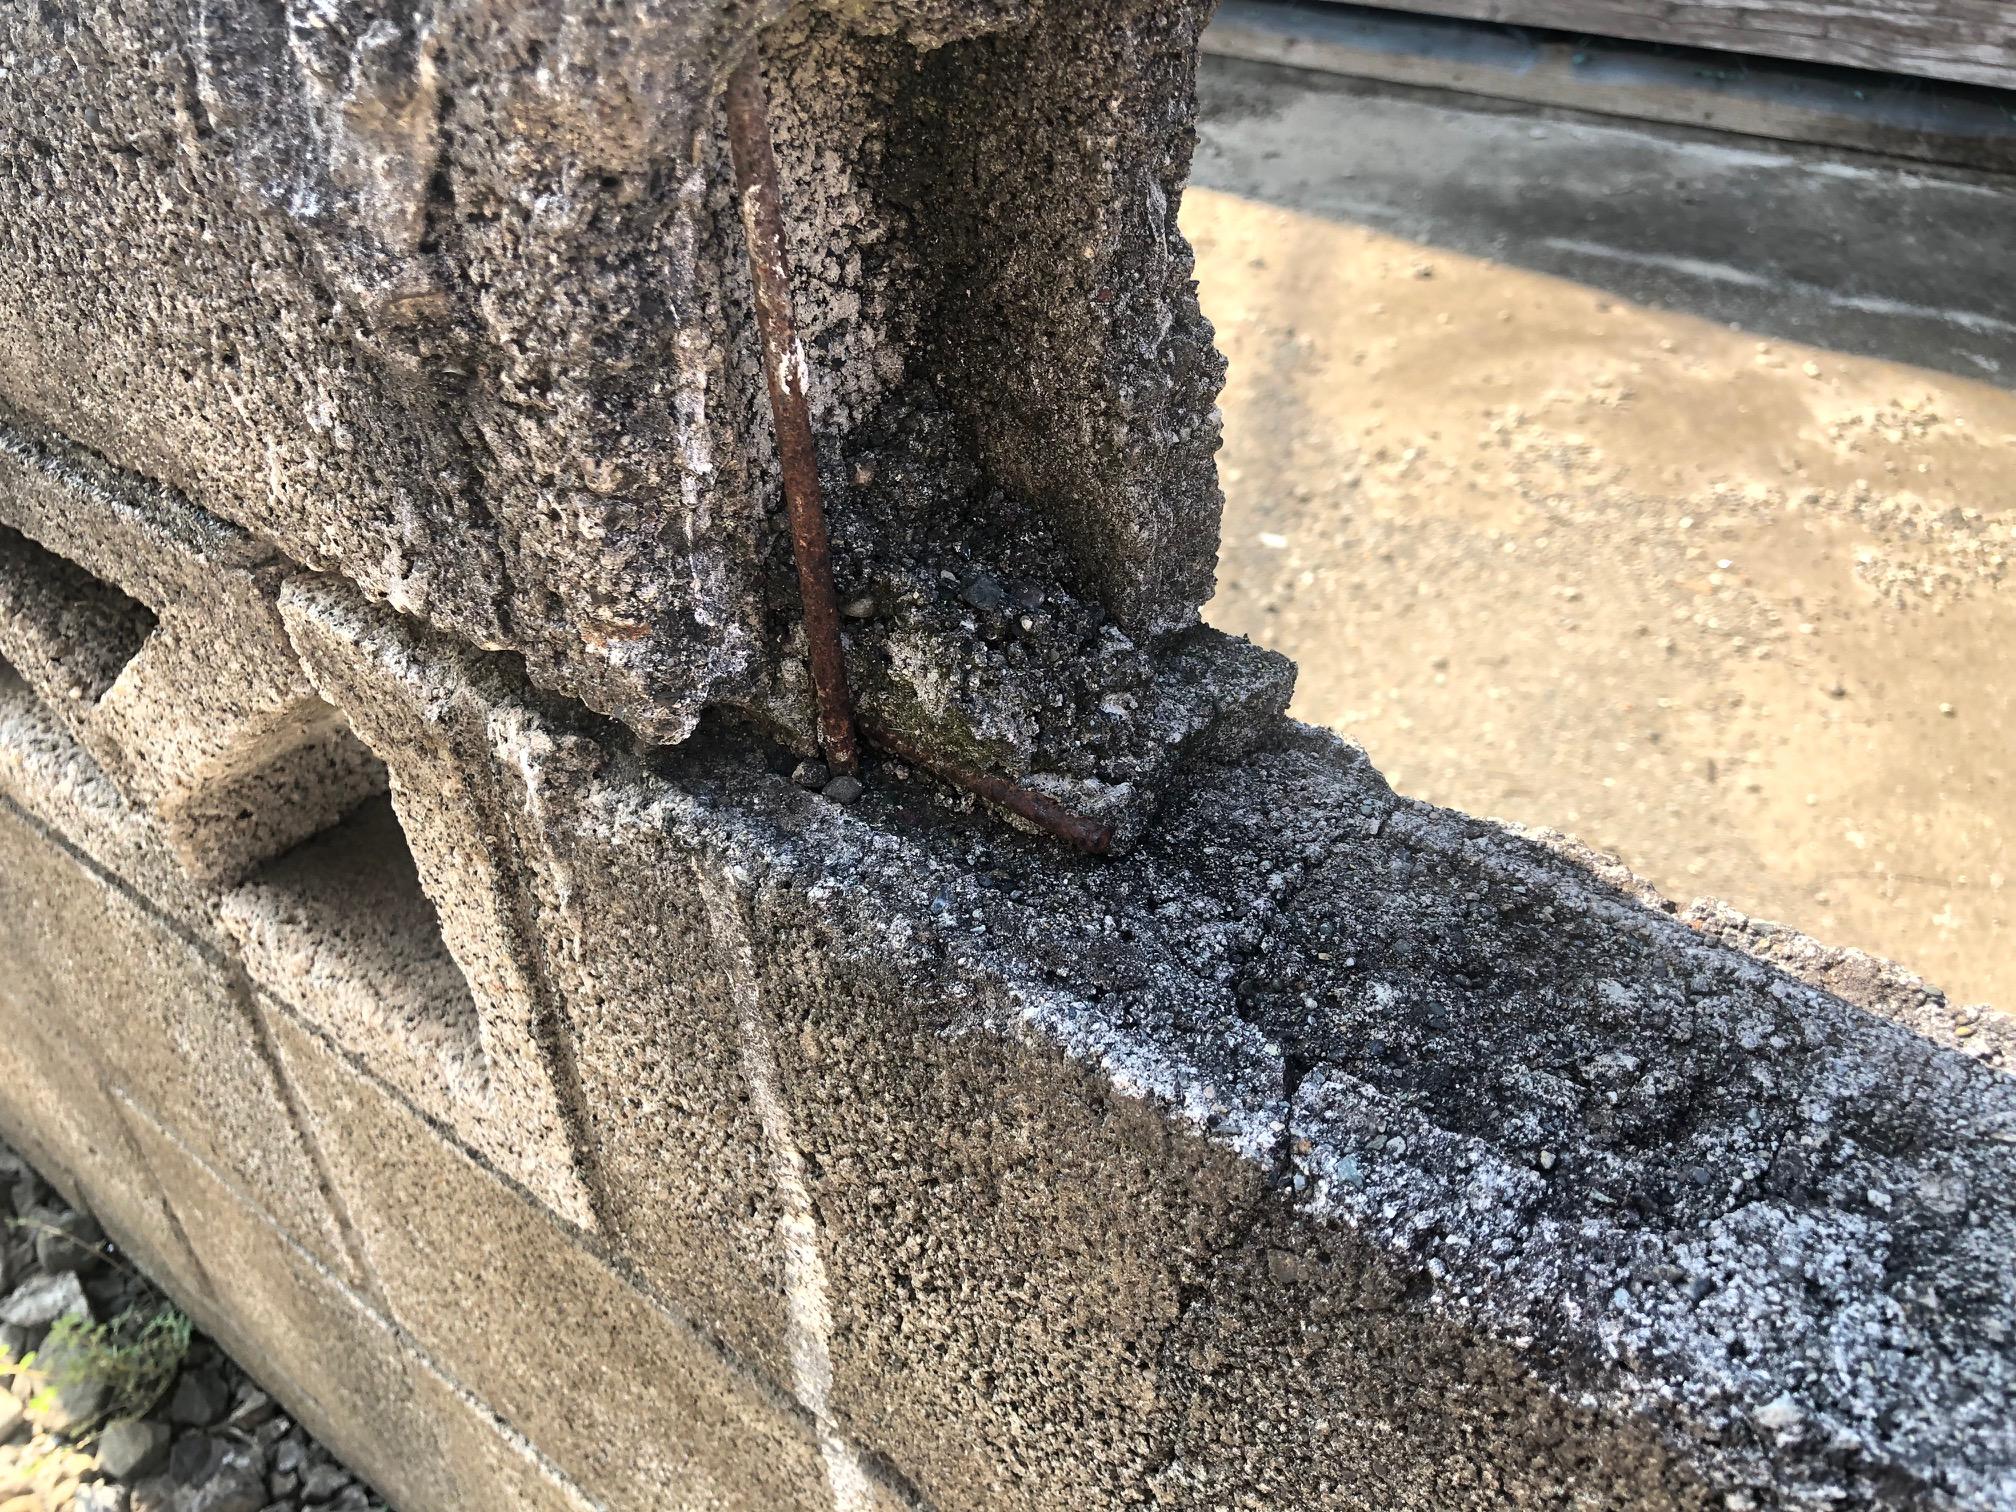 これで迷わない!ブロック塀の修理業者の選び方&費用相場を徹底解説